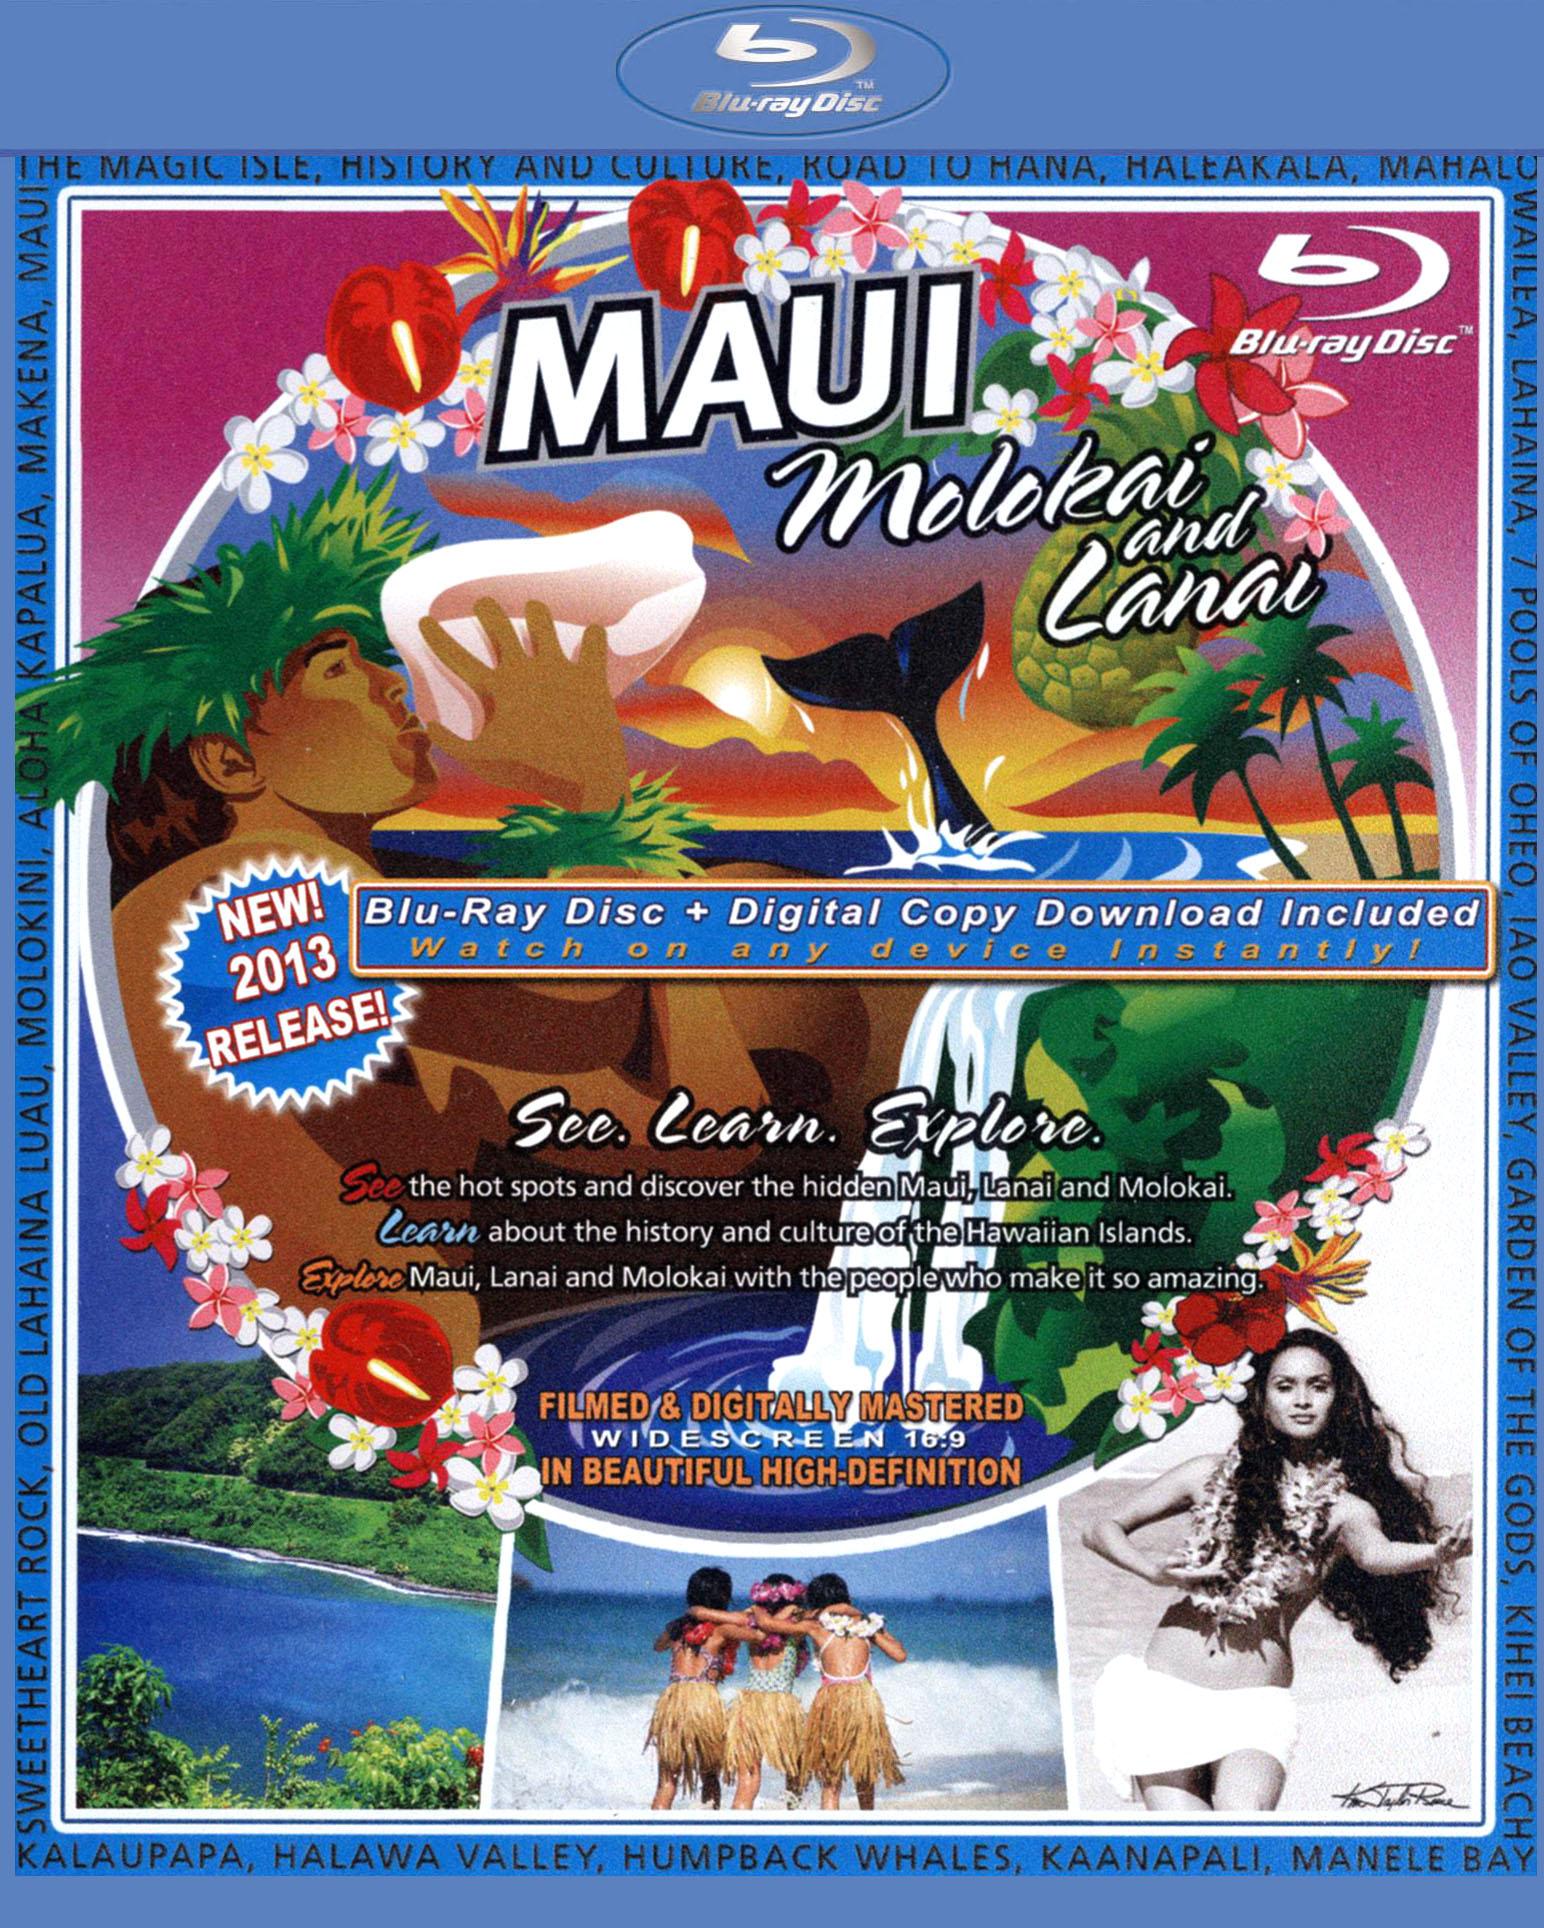 The Video Postcard of Maui, Molokai and Lanai